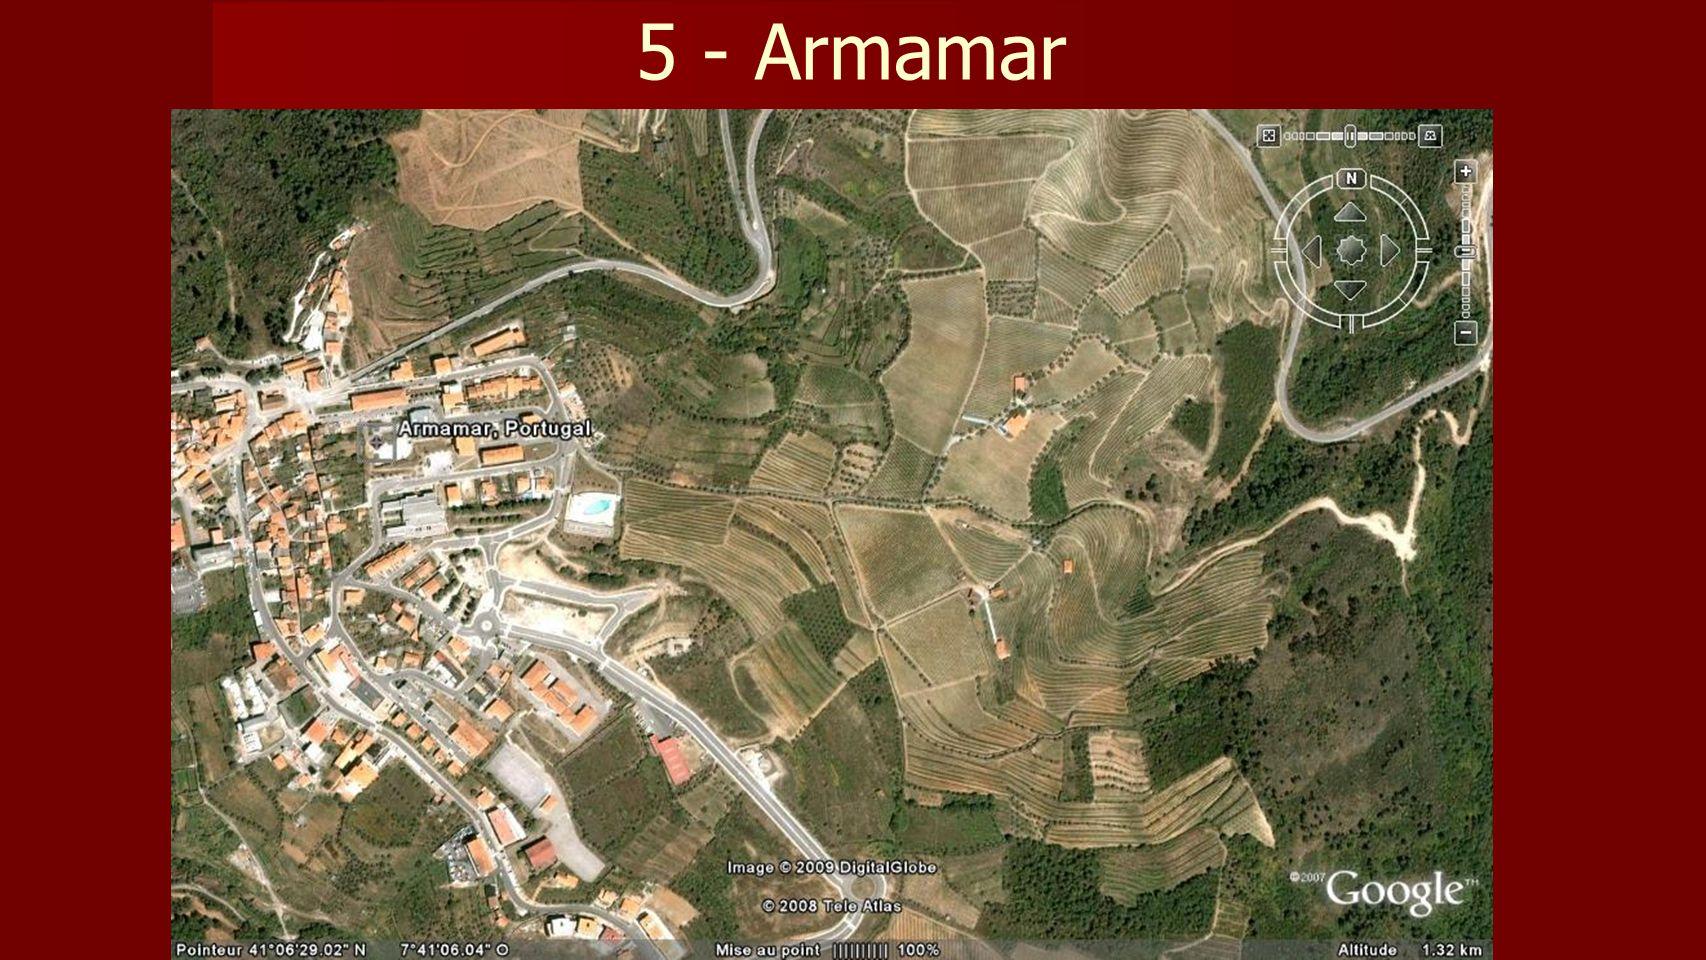 5 - Armamar